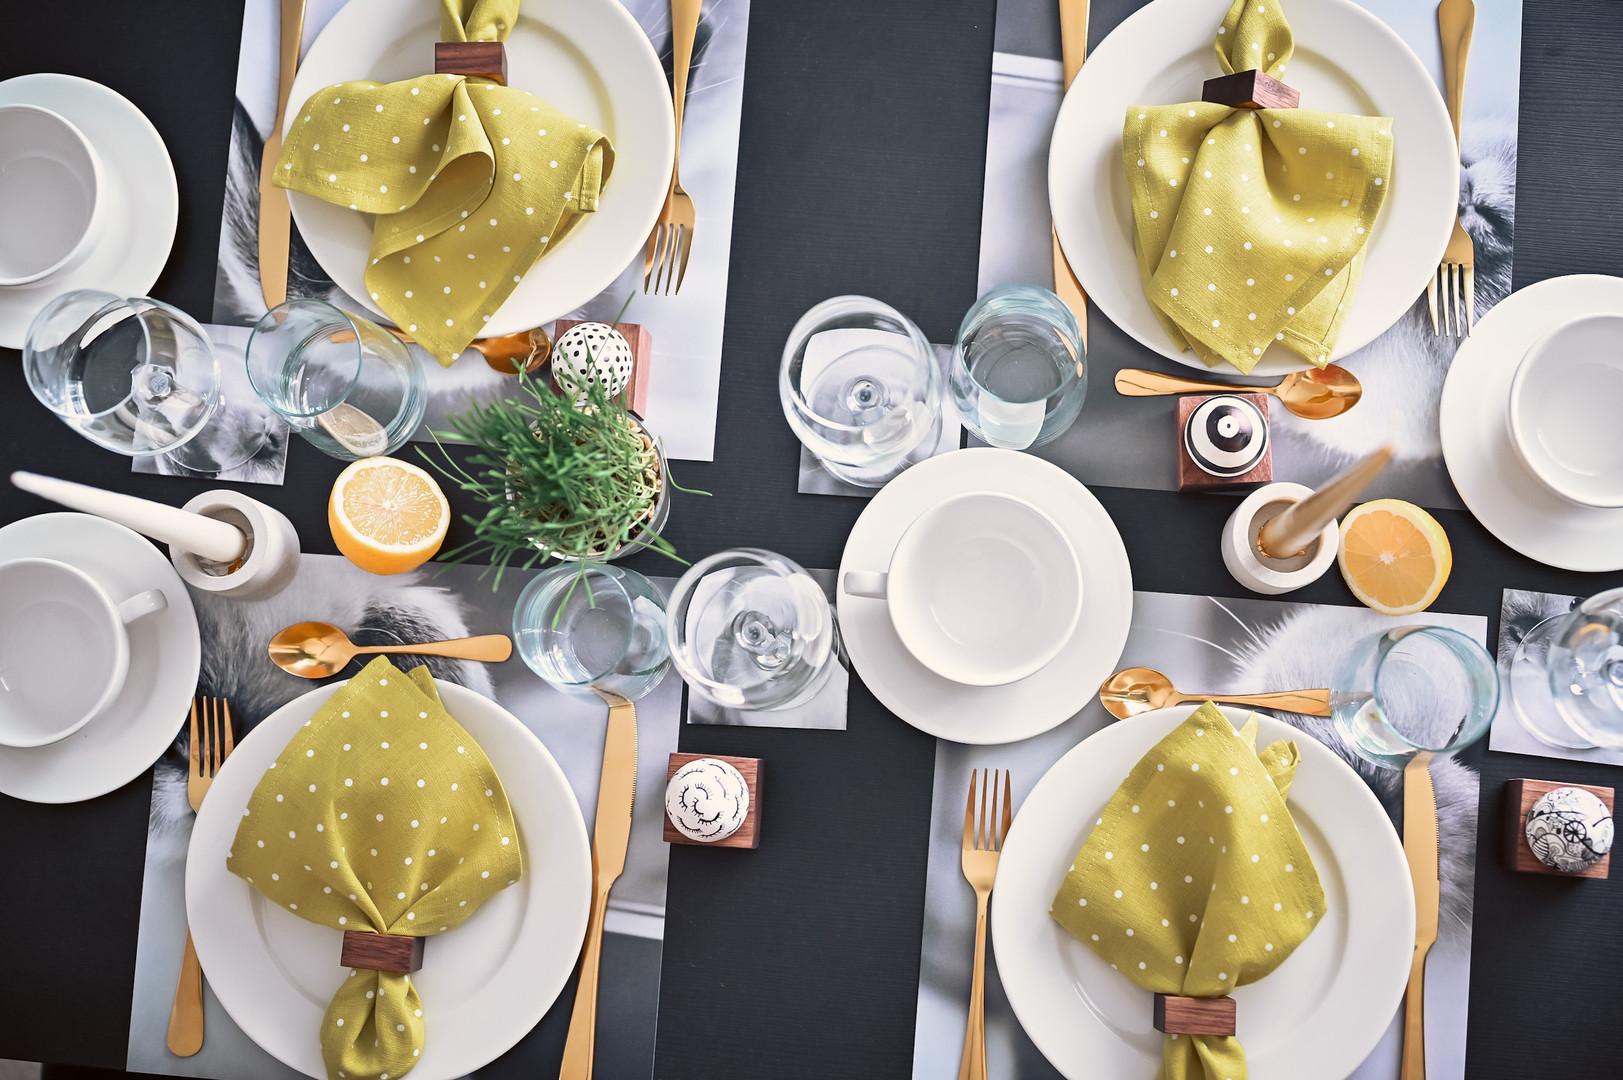 galda klājuma komplekts svētkiem un ikdienai, hugoevent, pasākumu oragnizēšana, pasākumi, online pasākumi, idejai dāvanai, lieldienas, svētki, table setting, table set, trauki, idejas dāvanai, idejas svētkiem, prieks, jaunums, dives deko, mājai